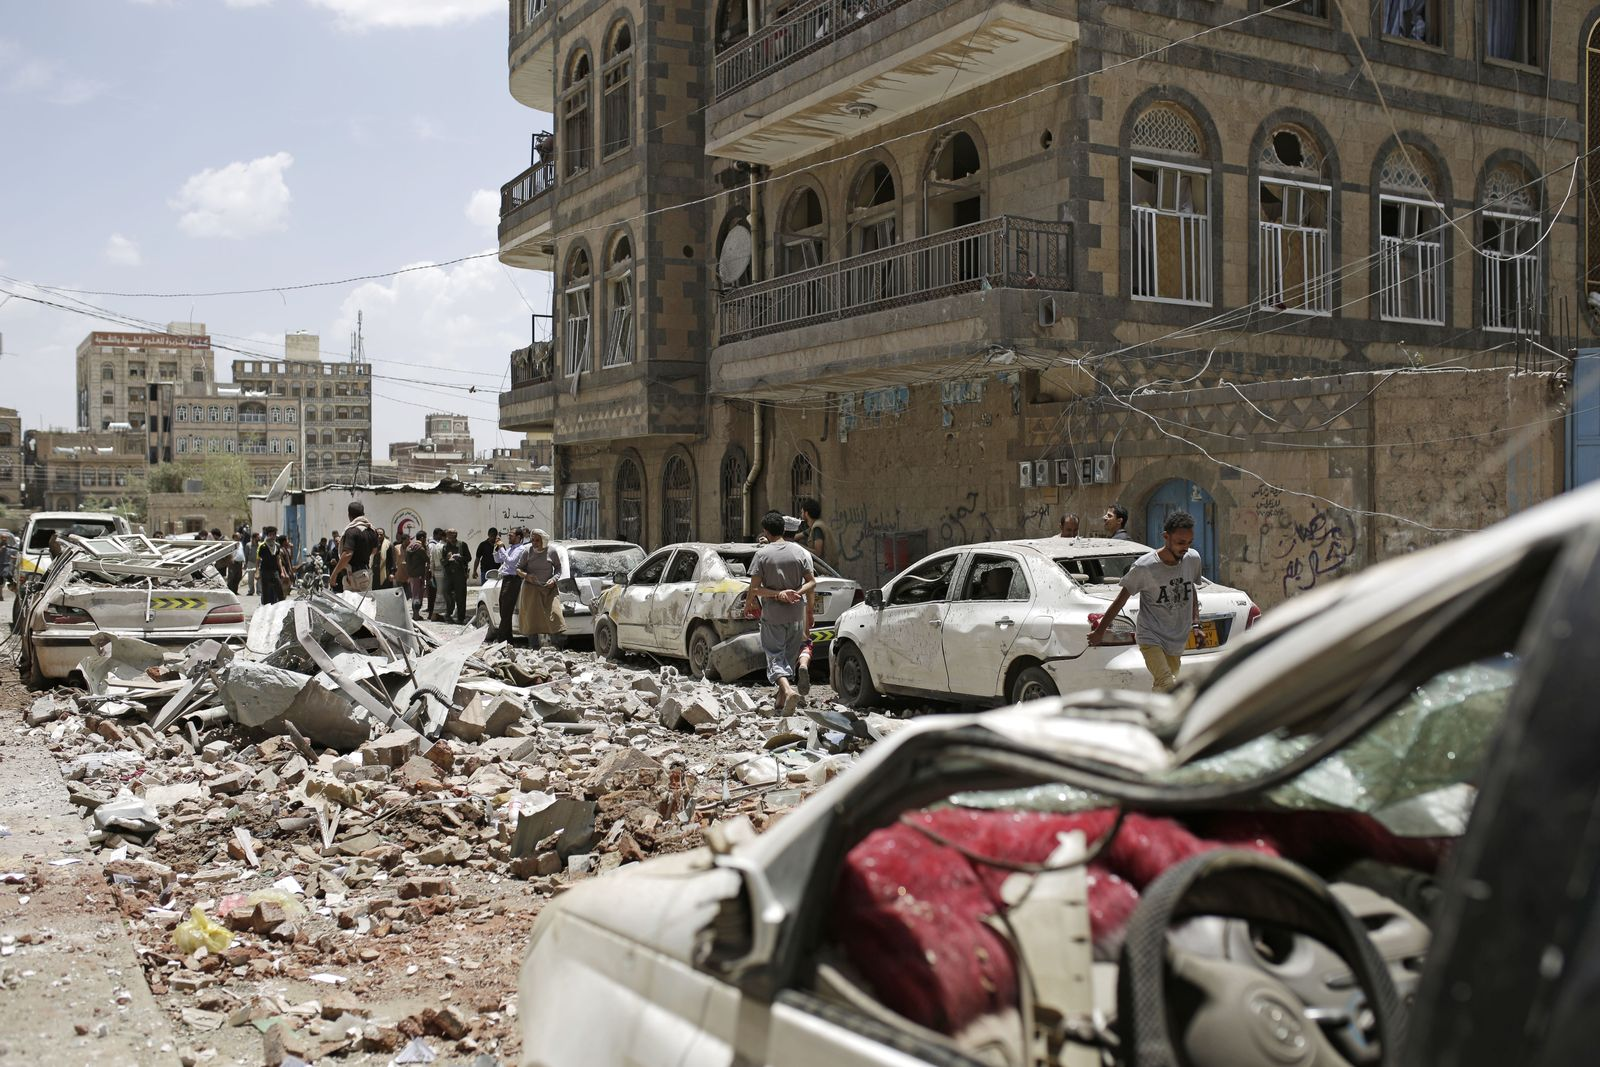 Jemen Konflikt/ Krieg/ 2019